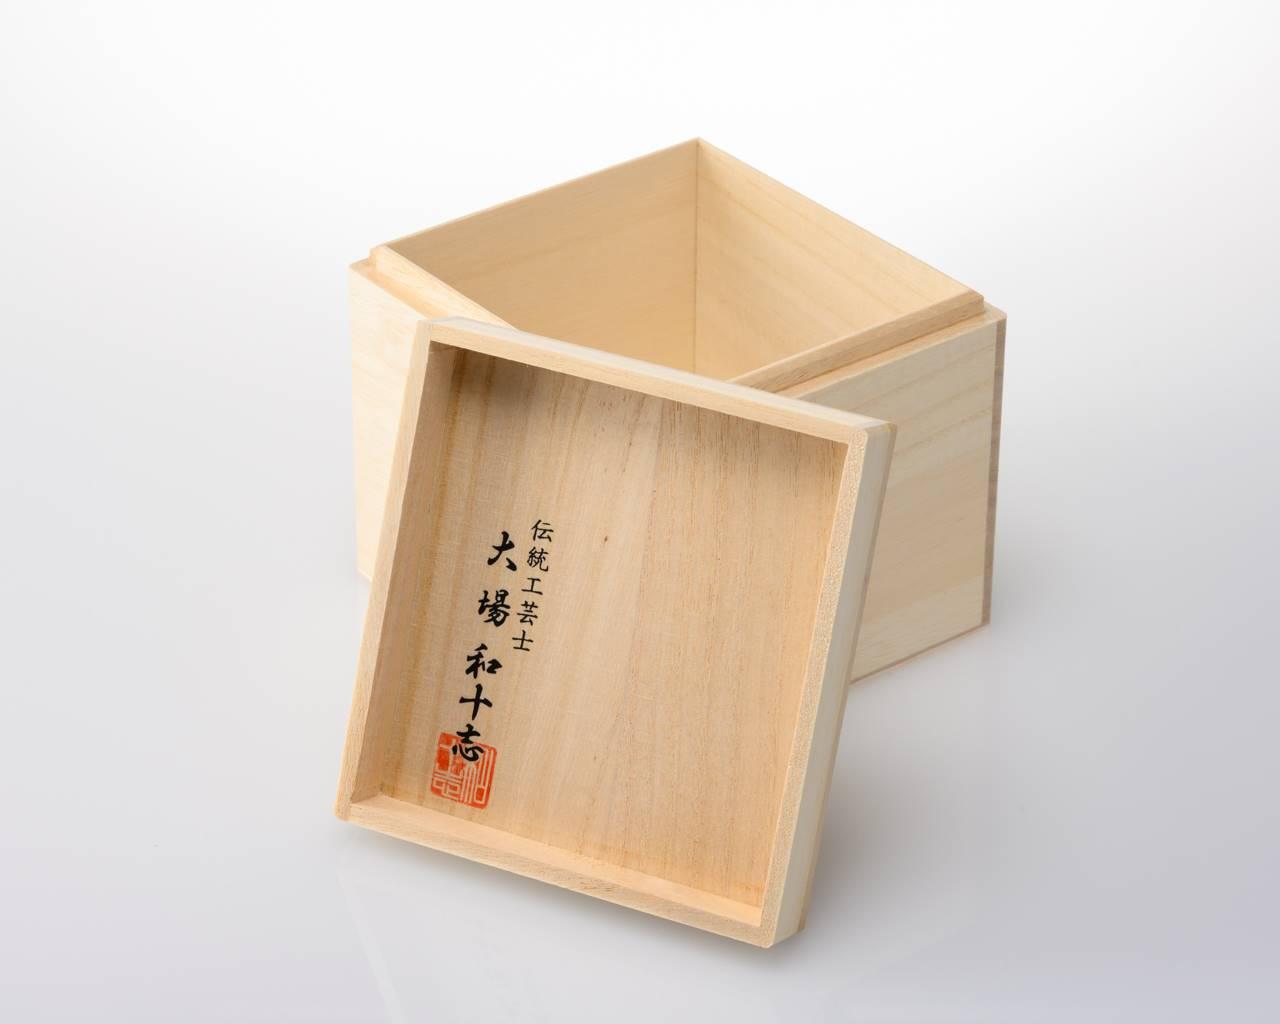 オールド 八角籠目華やぎ 瑠璃/琥珀